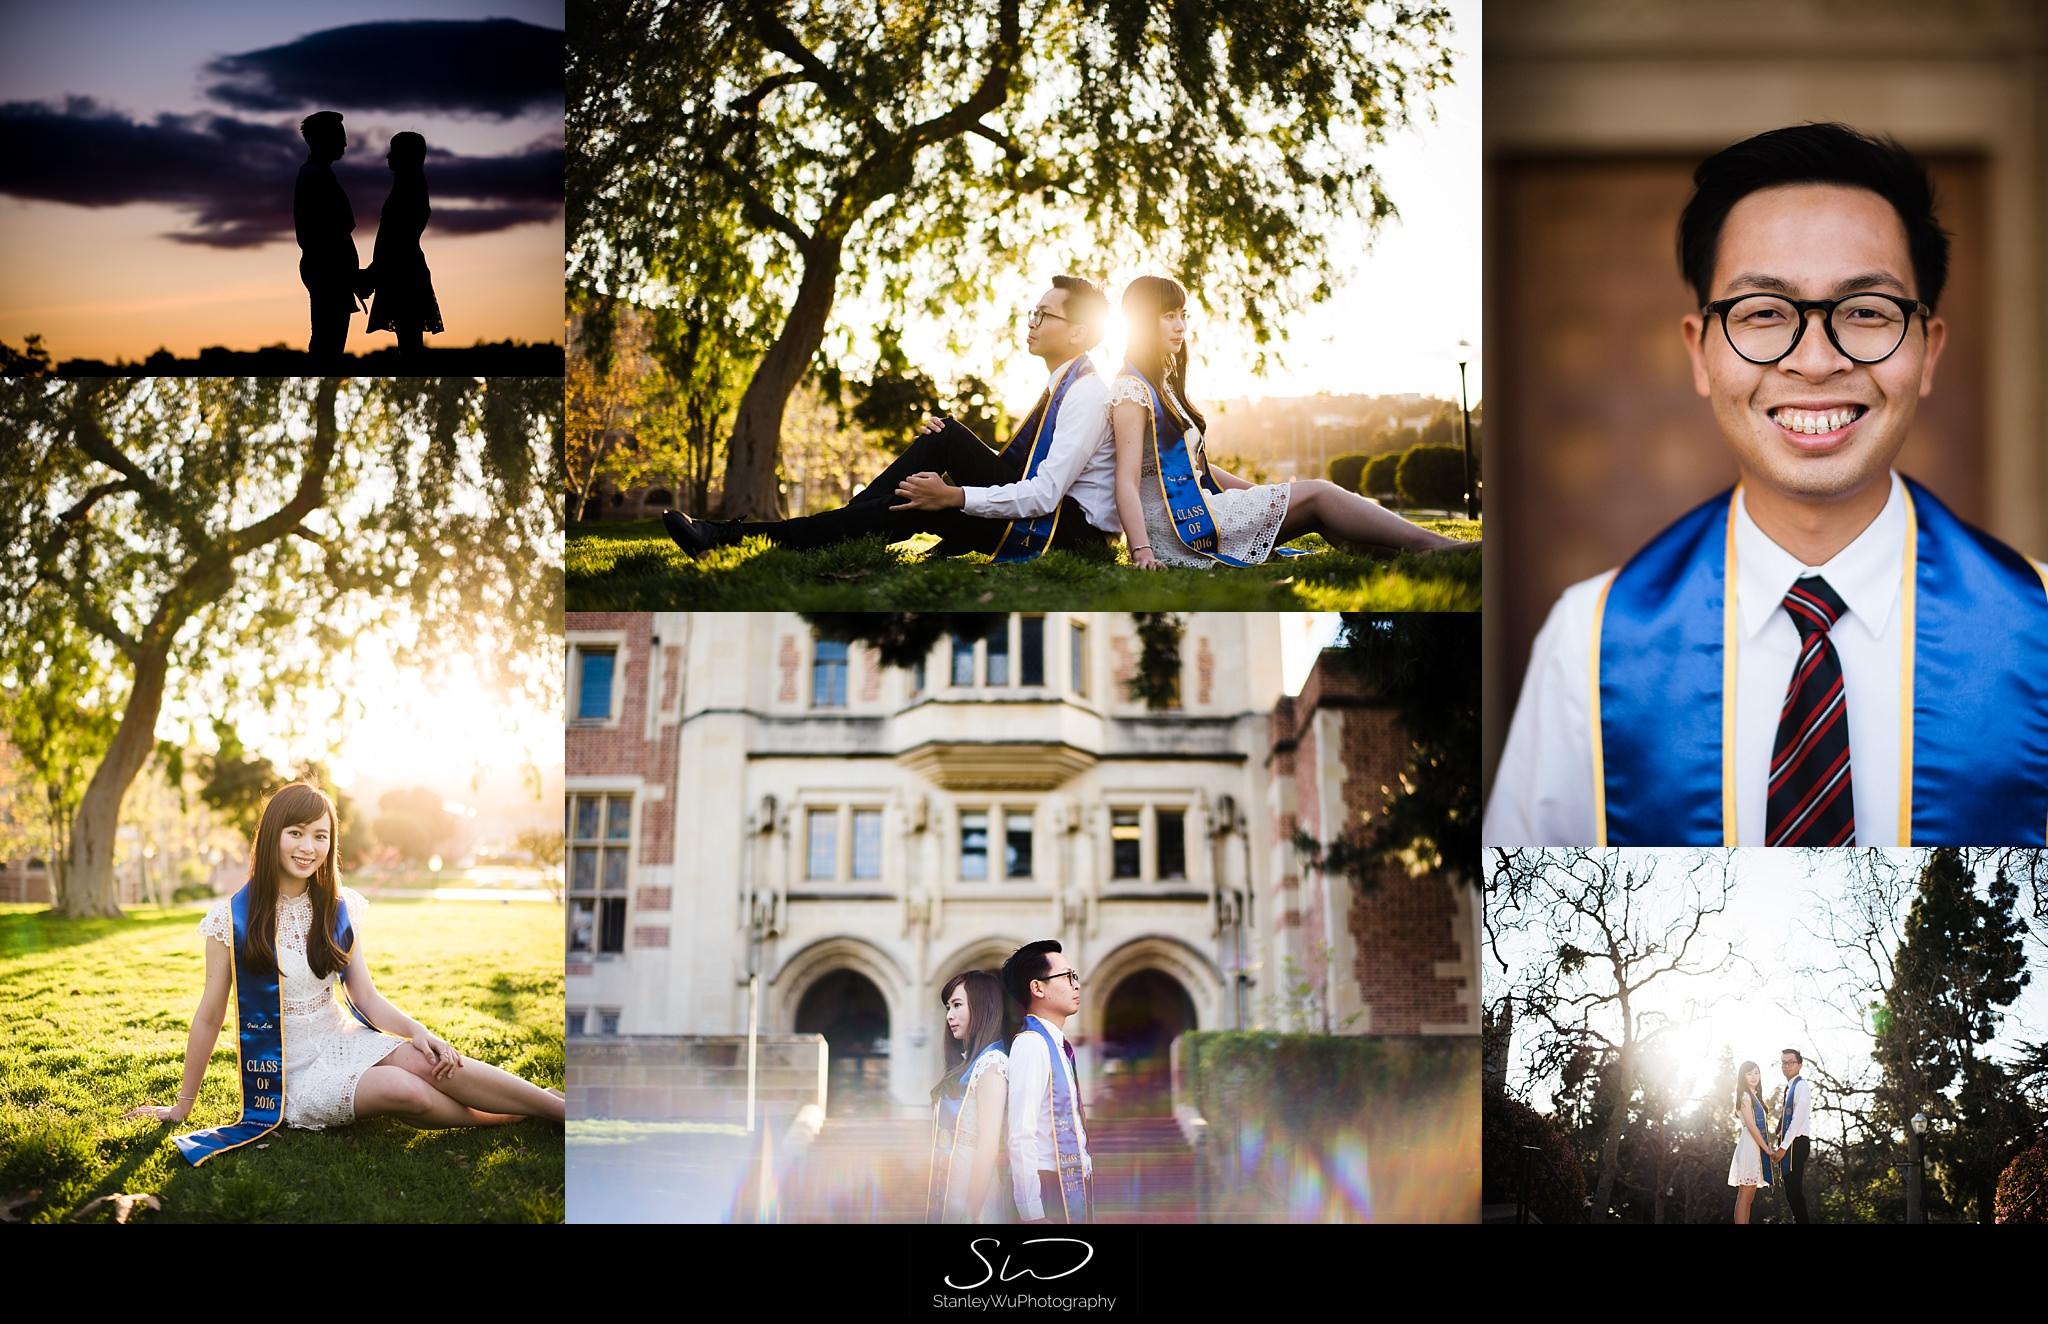 los-angeles-ucla-graduation-senior-portraits_0001.jpg